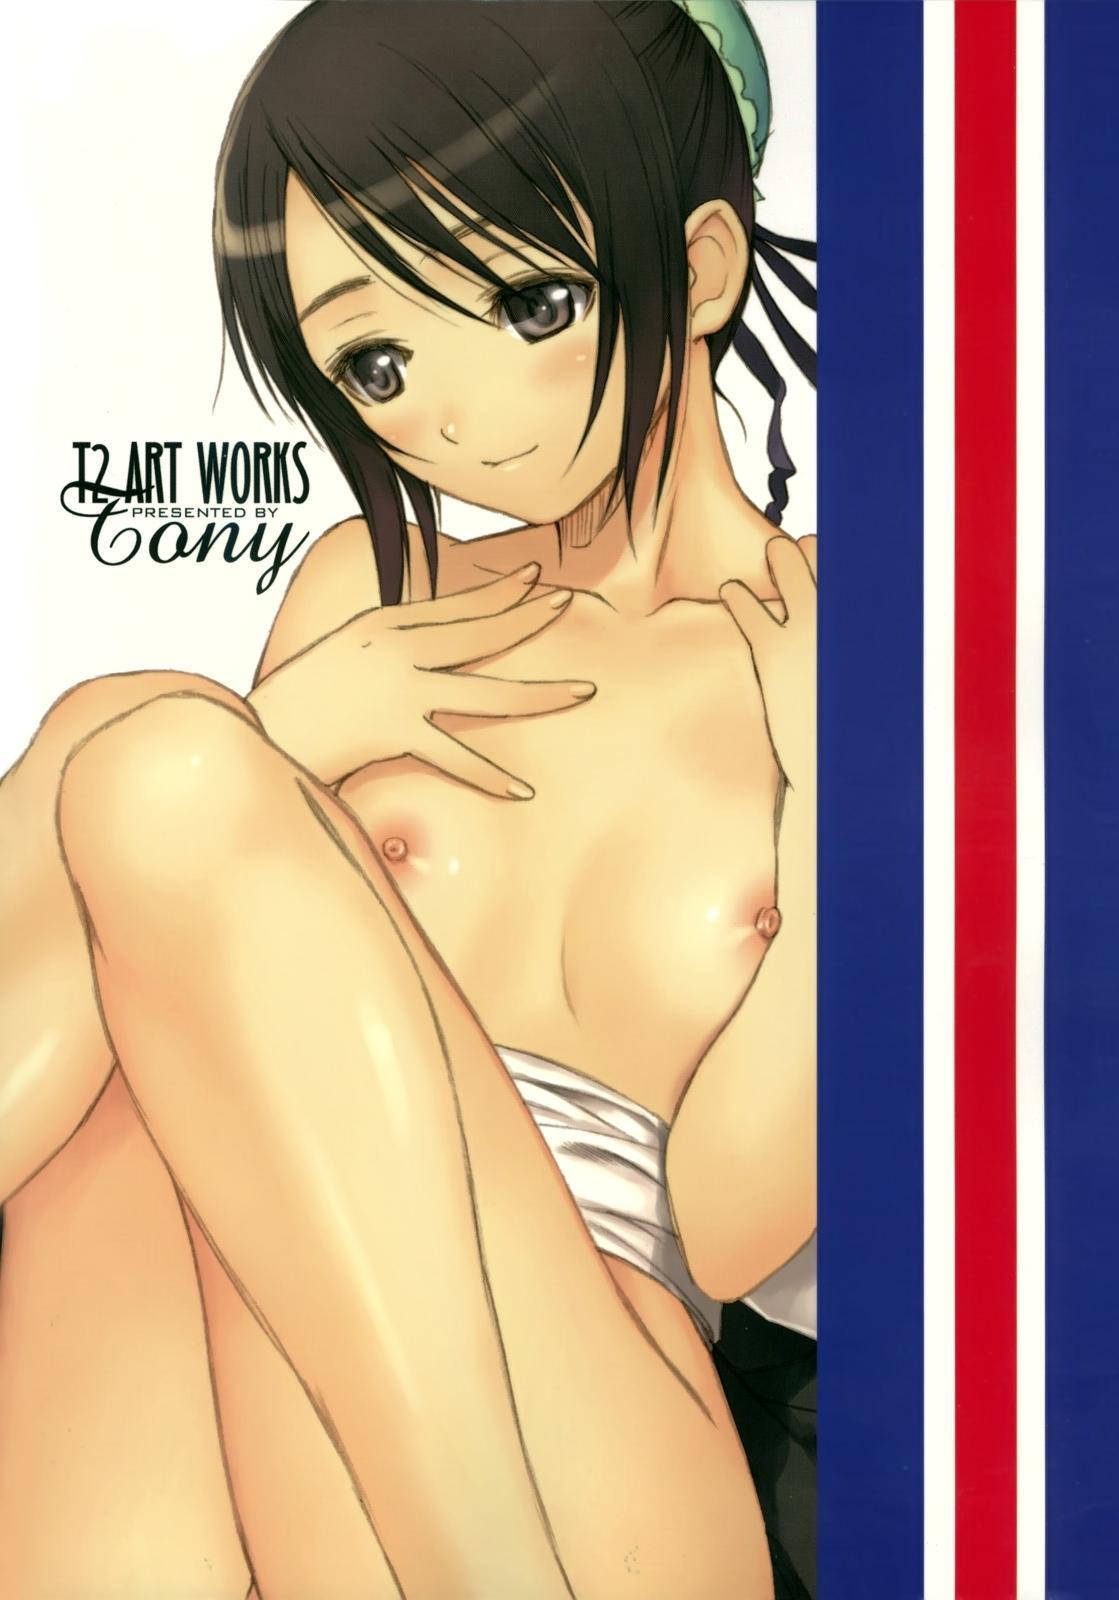 Watashi wa Kyozetsu suru! Kamo 36